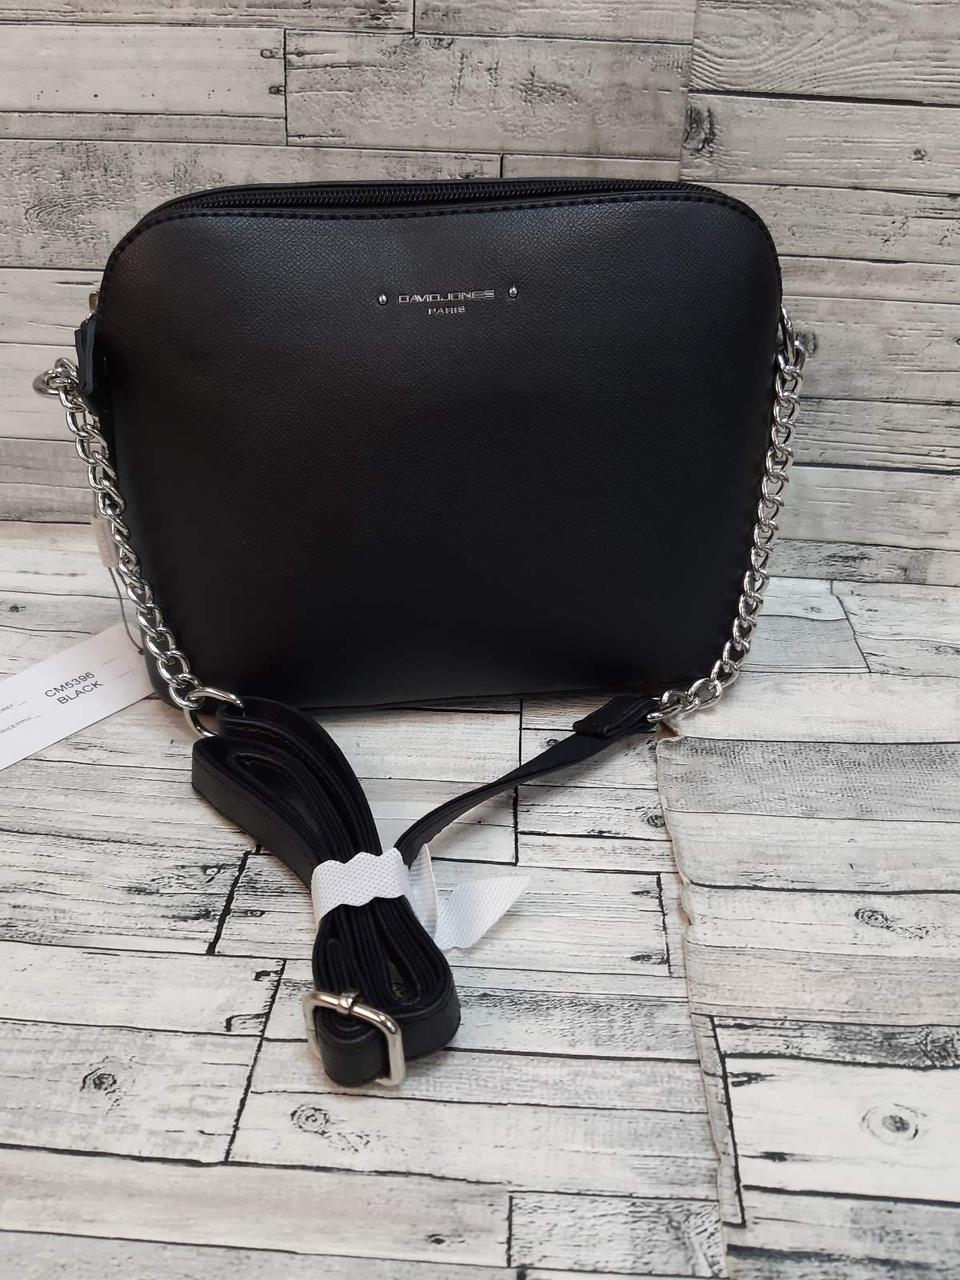 Стильная женская сумка черного цвета с цепочками на ремне 22*17 см